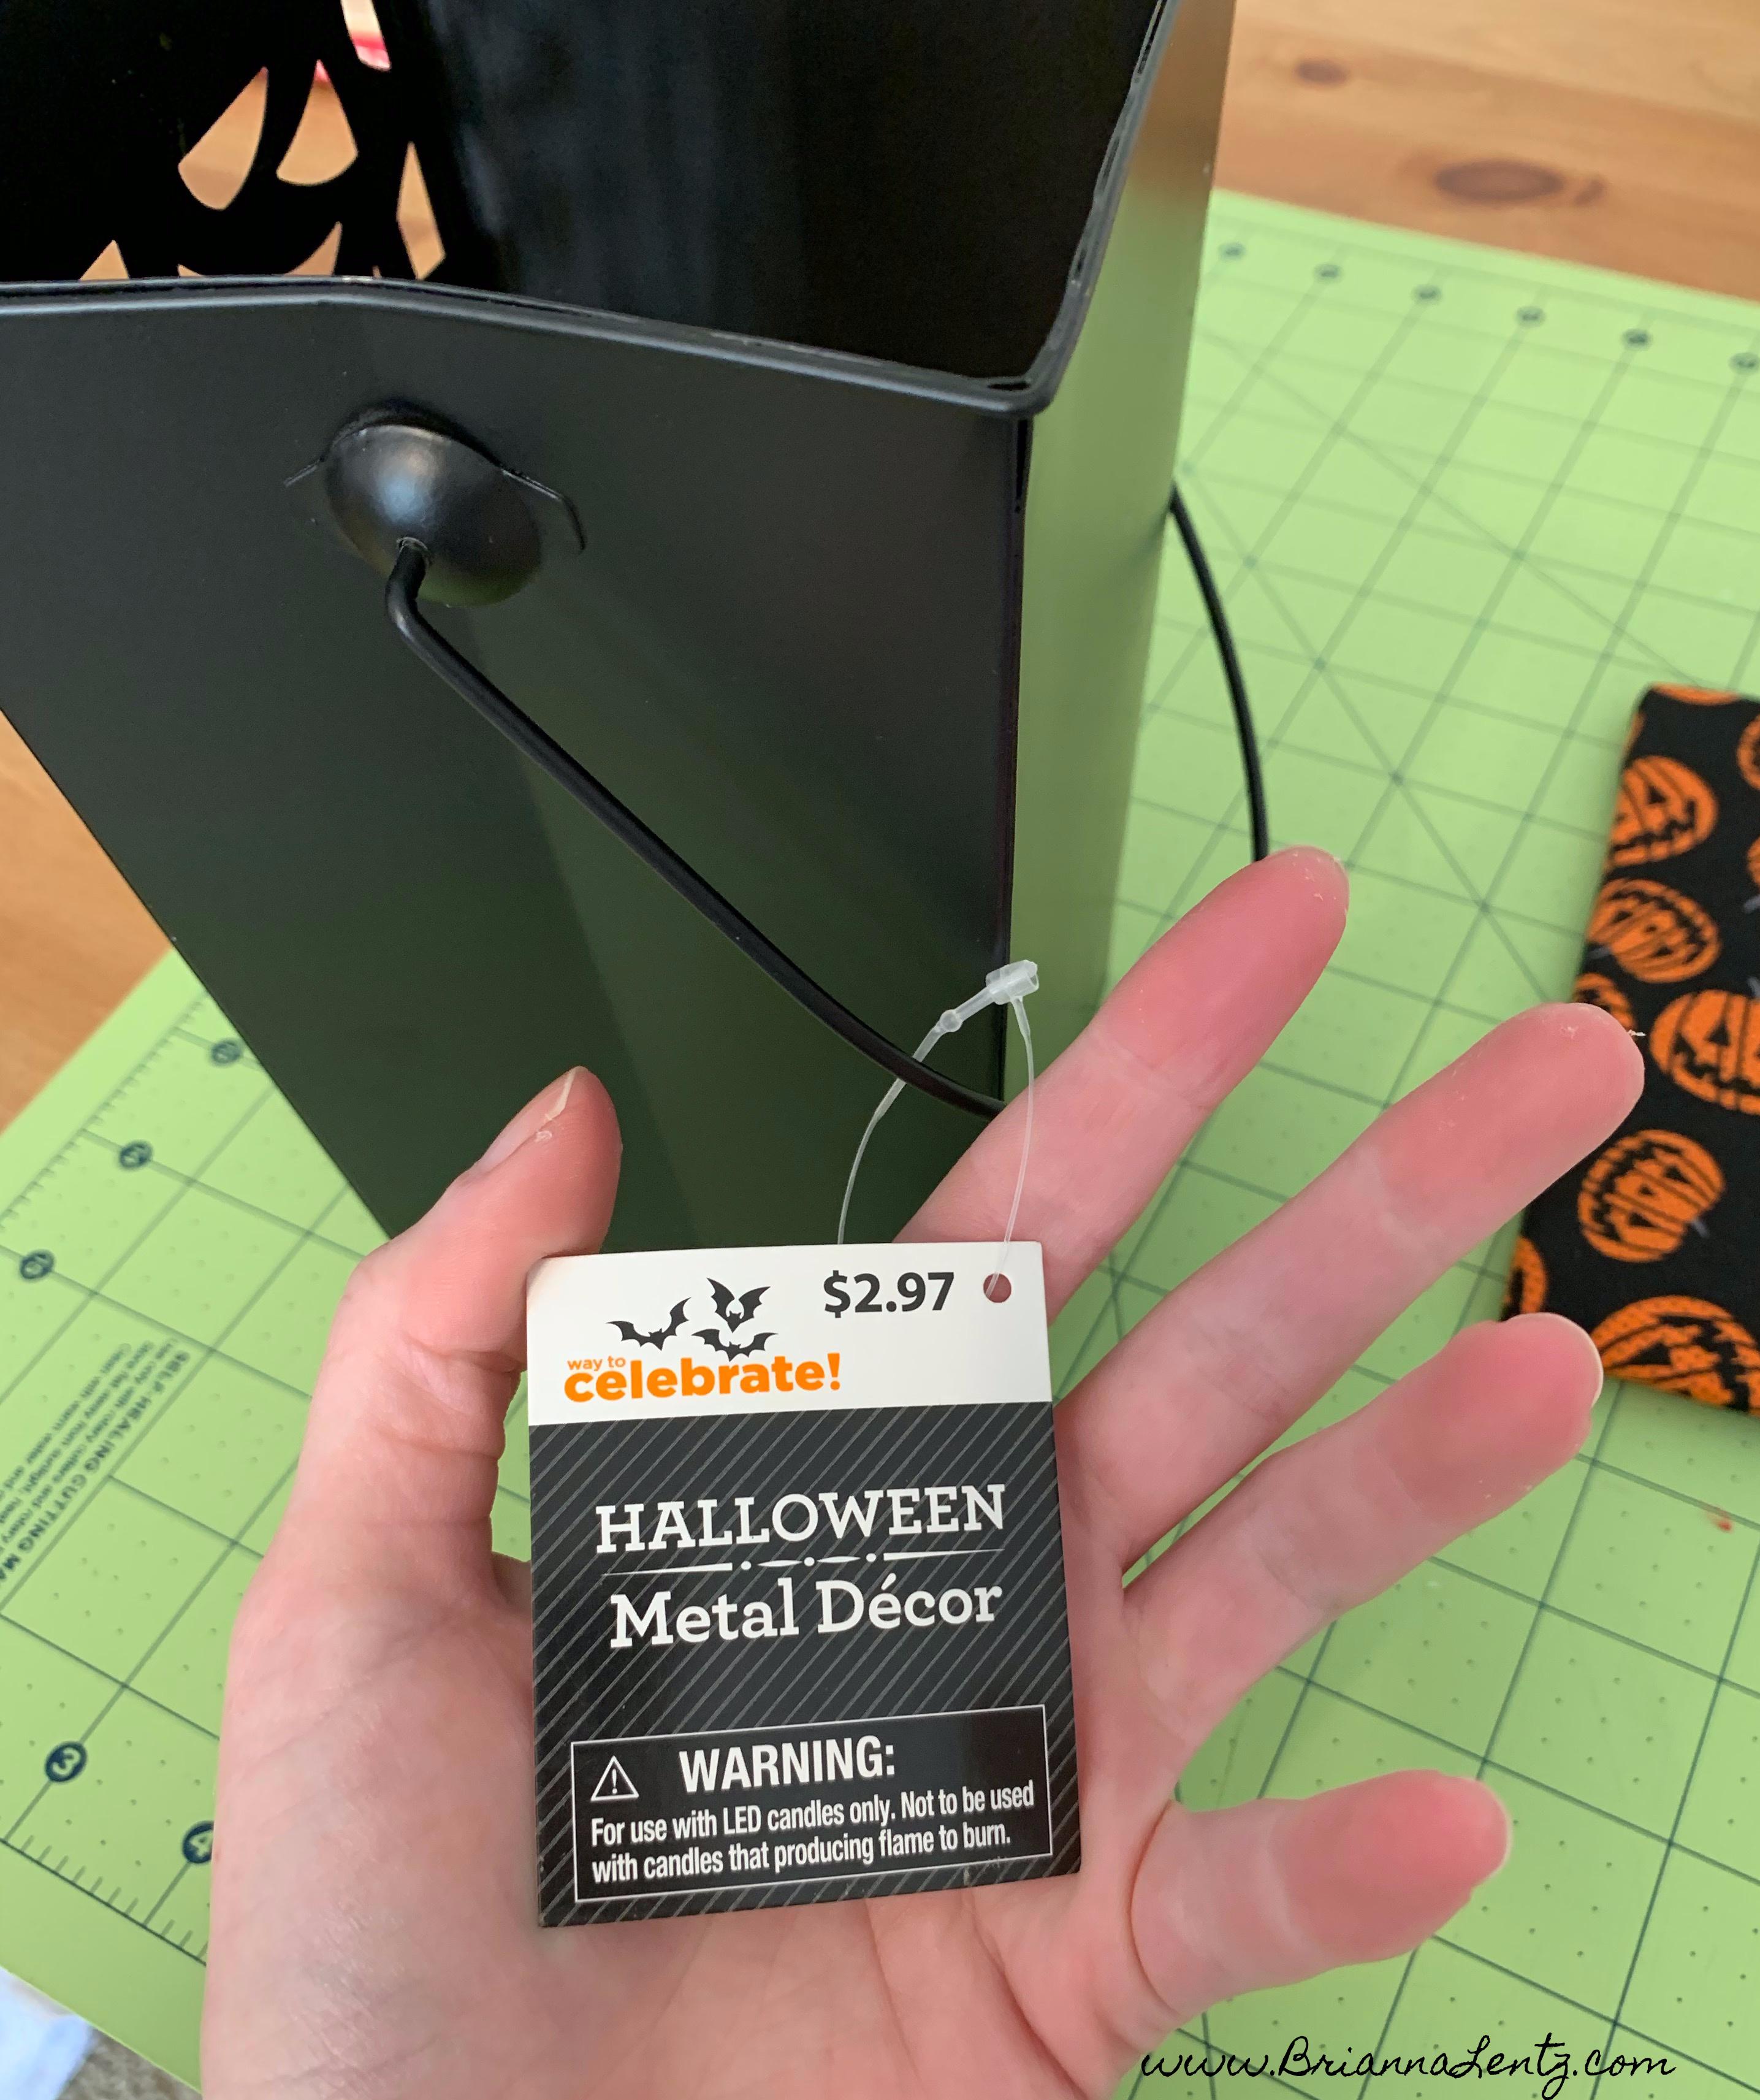 Wal Mart Halloween Metal Decor